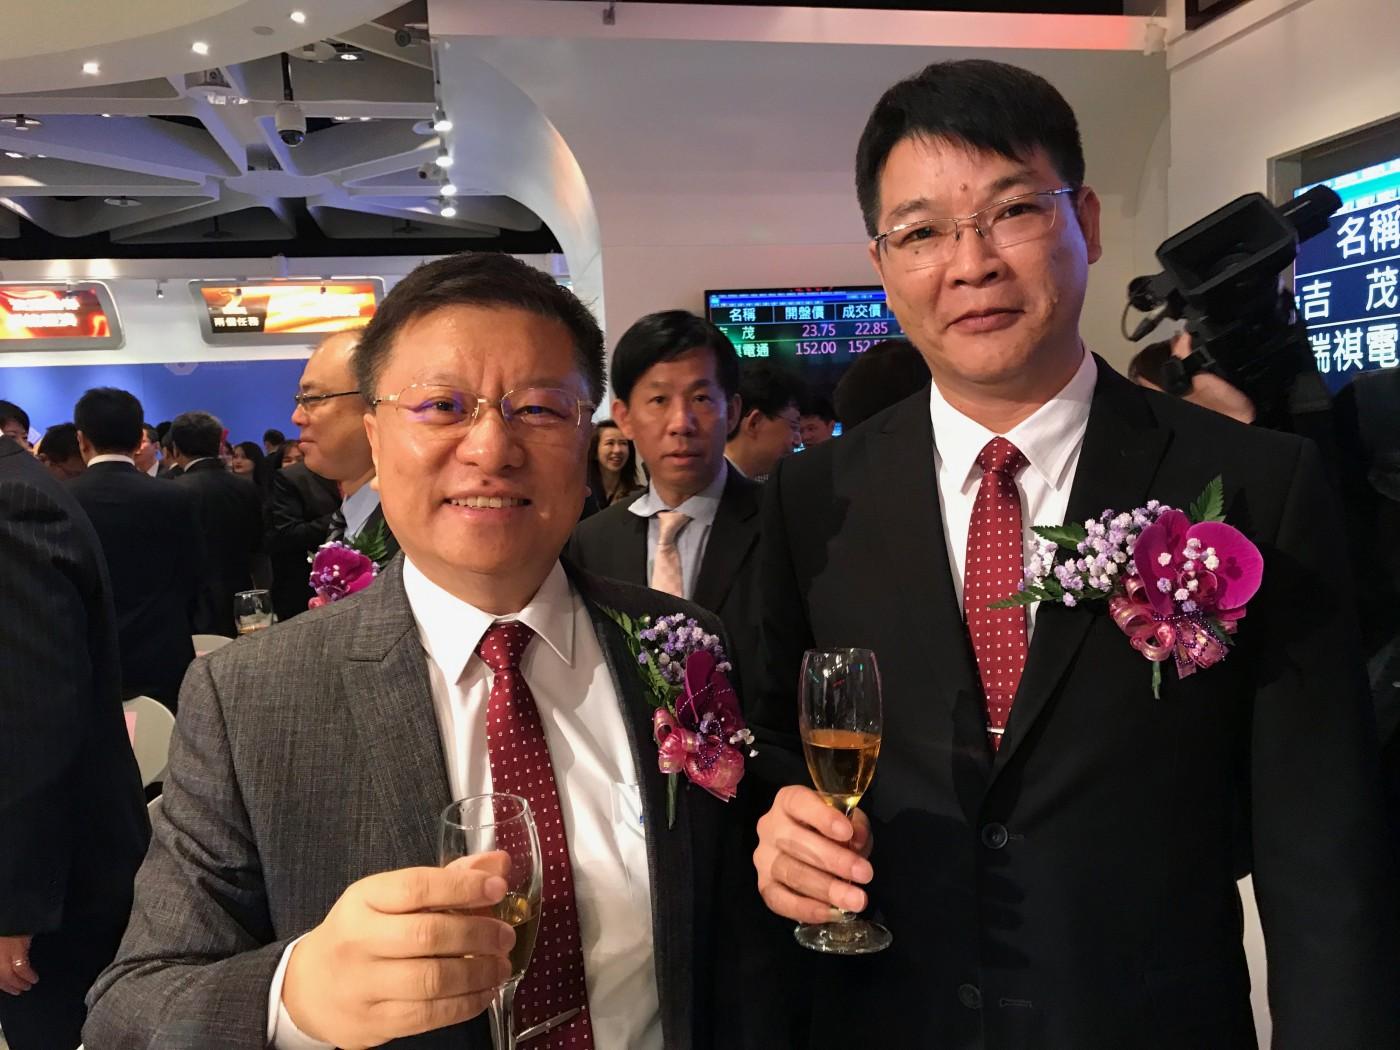 瑞祺是桦汉集团子公司,图左起为瑞祺董事长朱复铨与总经理洪德富